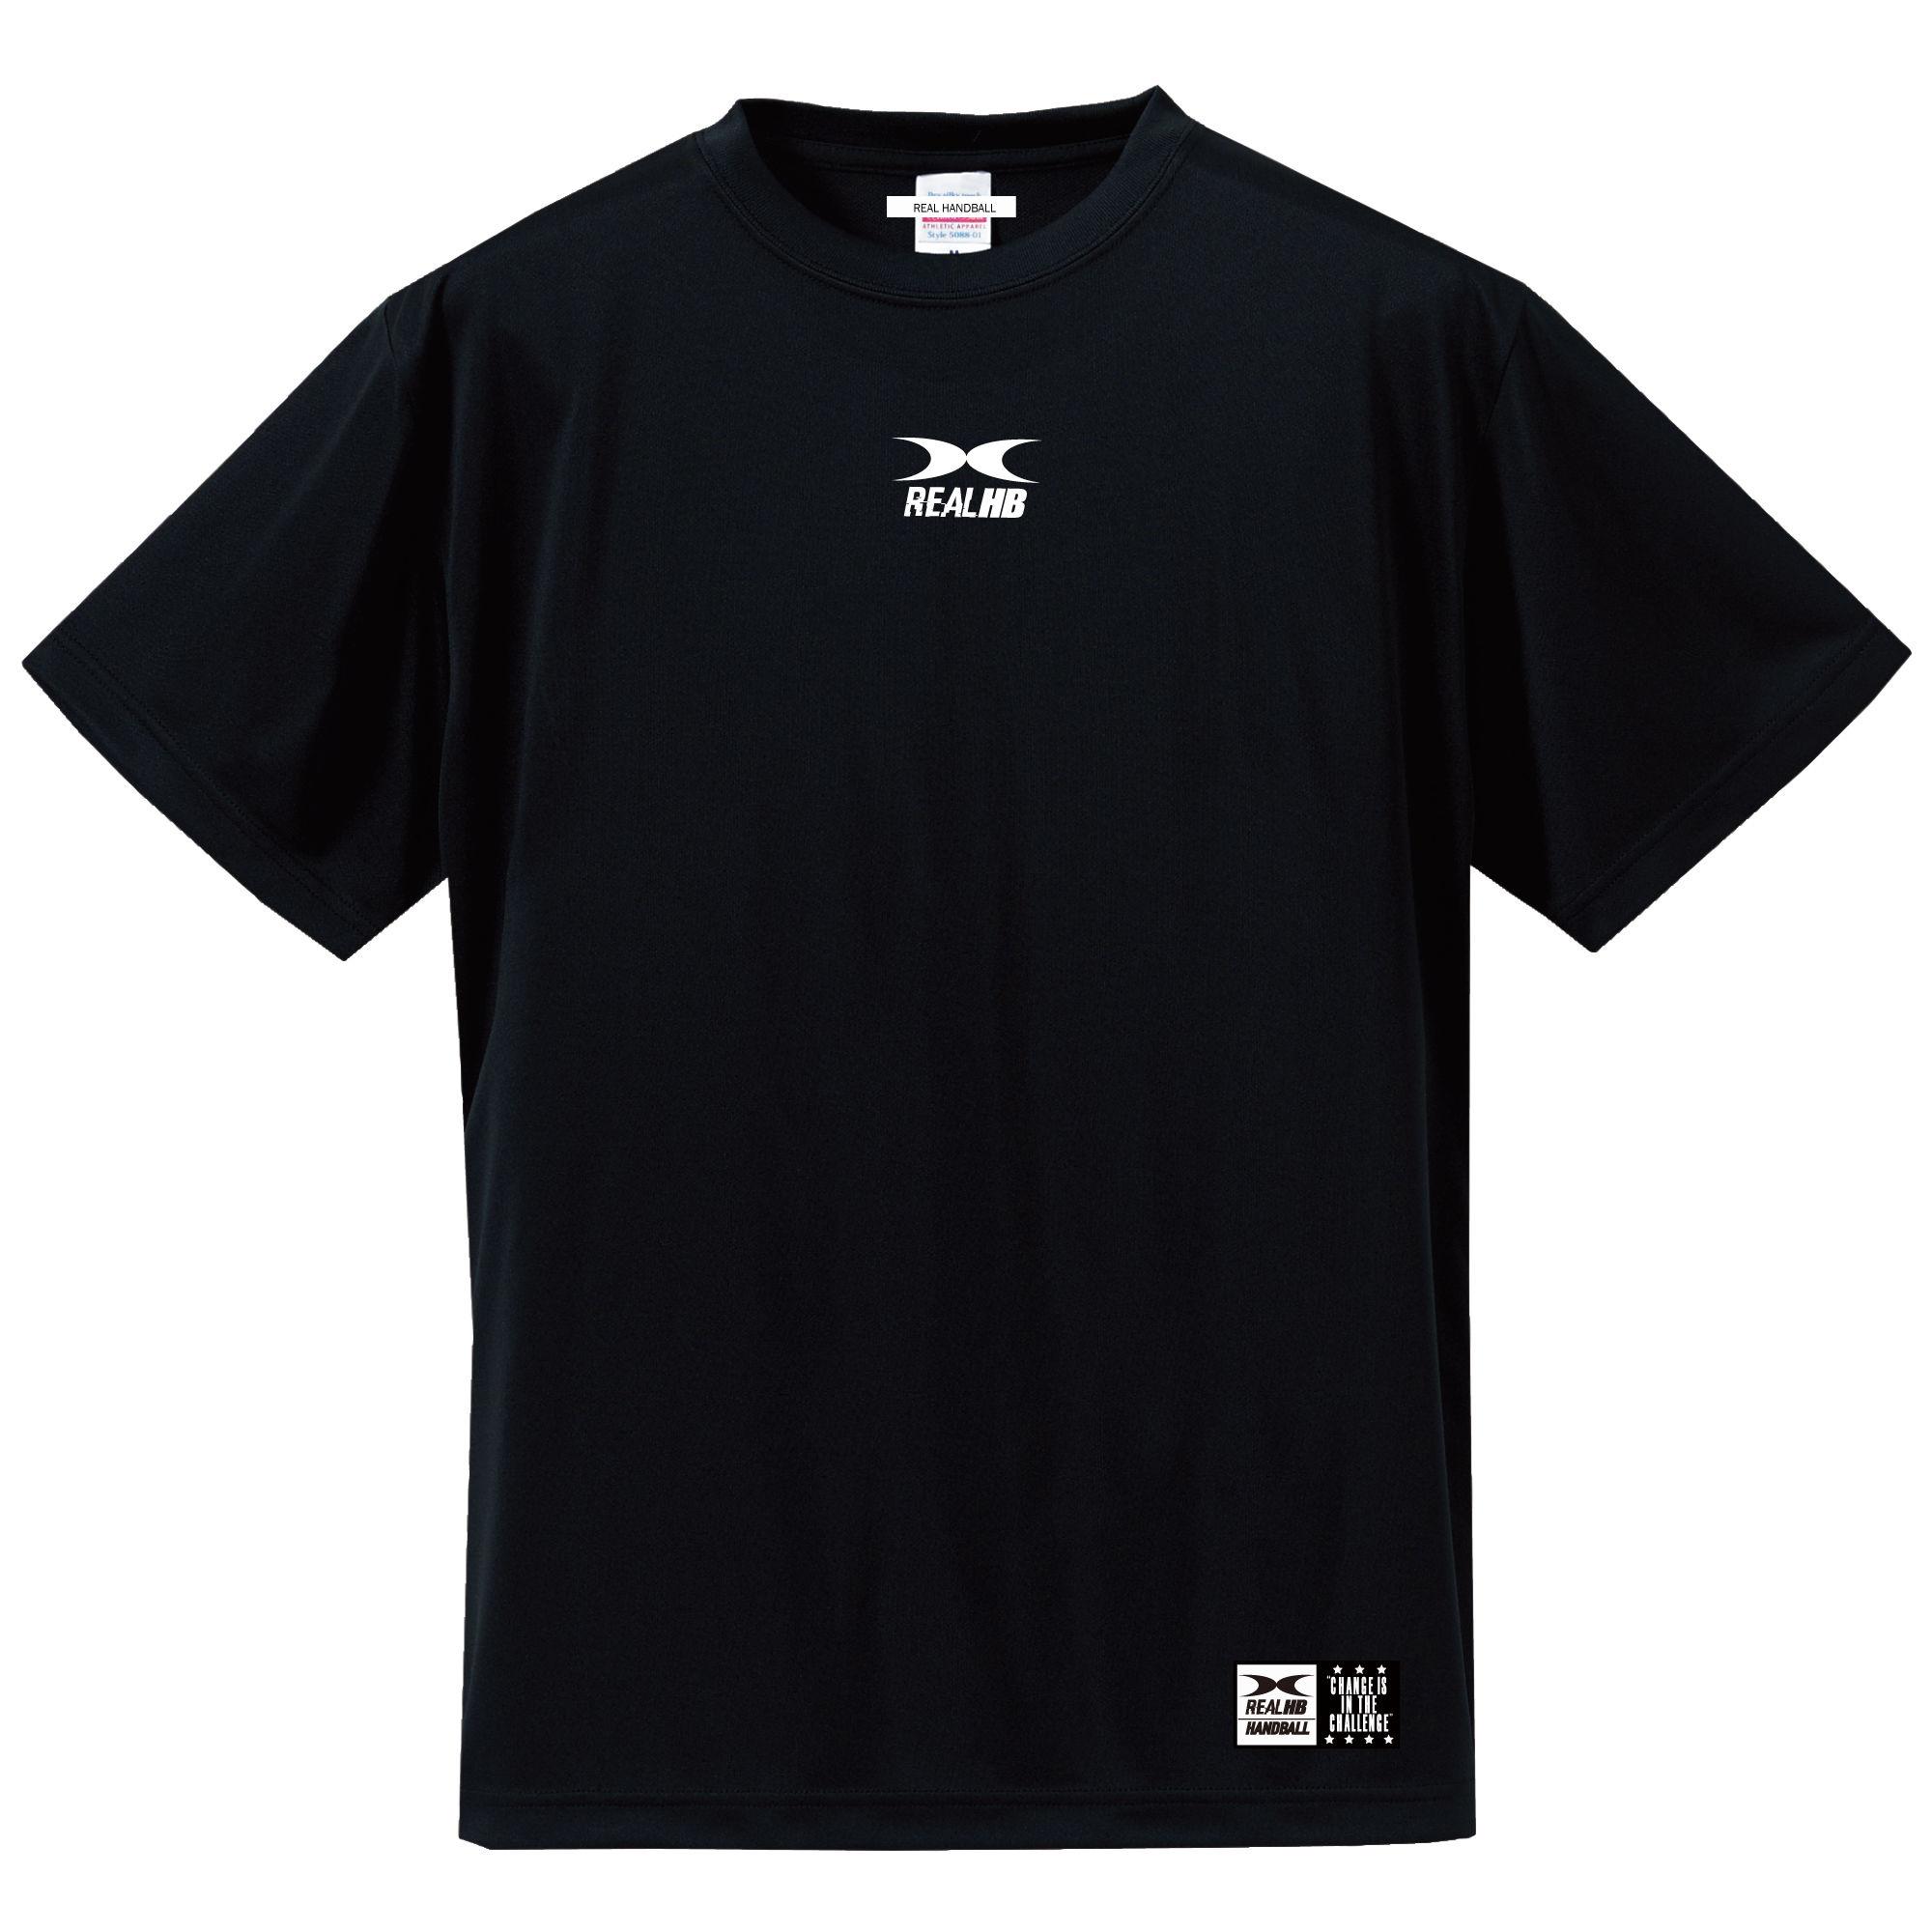 アウトレット価格 ビッグロゴ Tシャツ ブラック